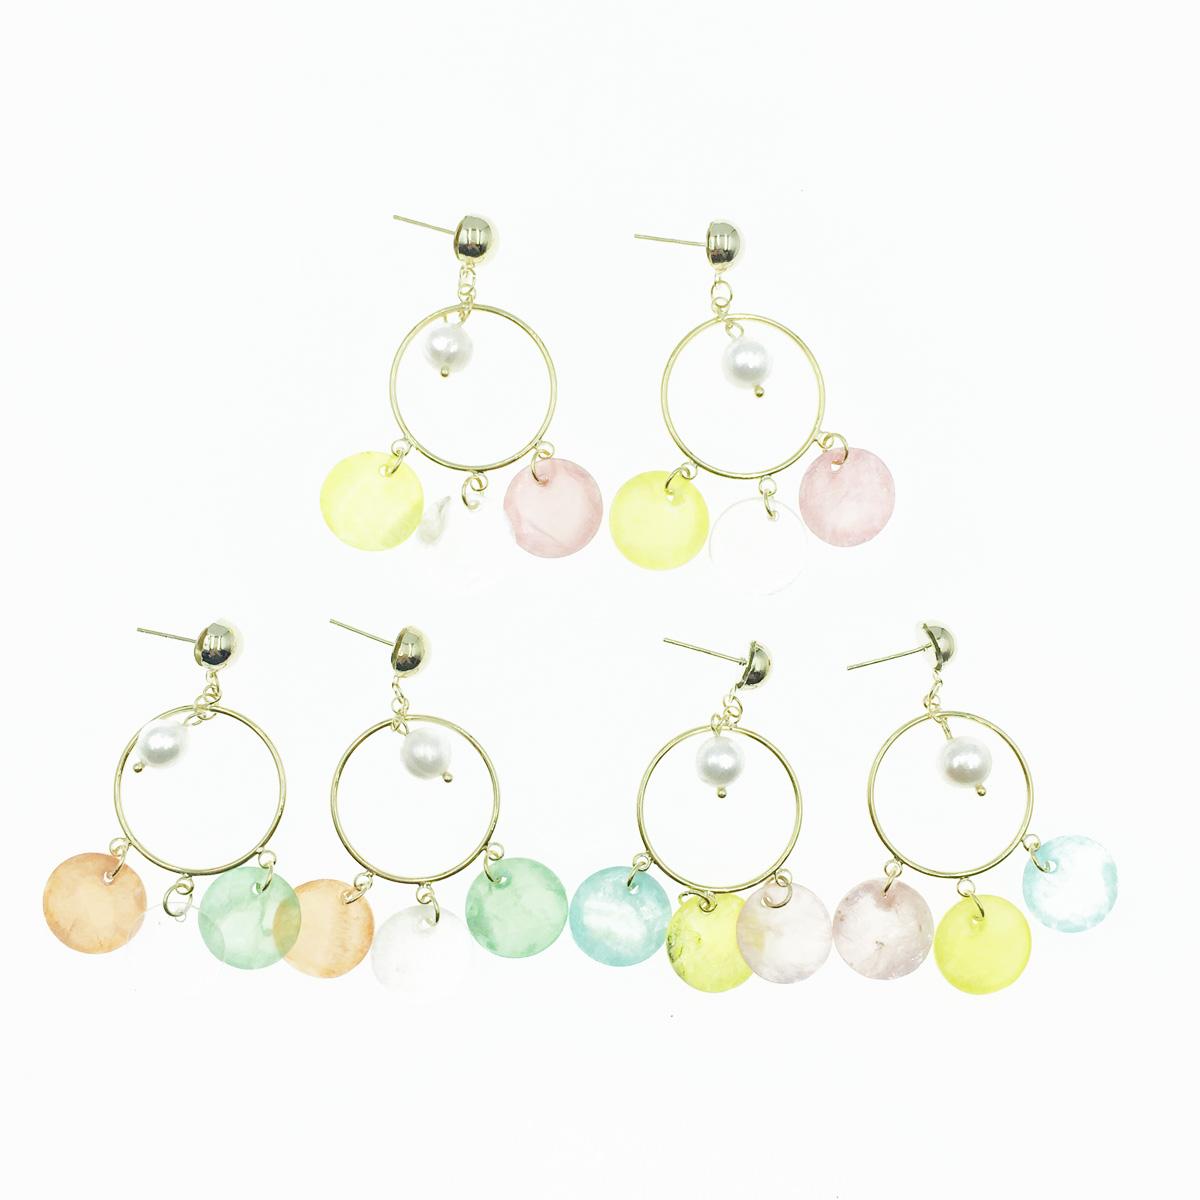 韓國 925純銀 簍空圓圈 珍珠 透明感薄片 3色 垂墜感 耳針式耳環